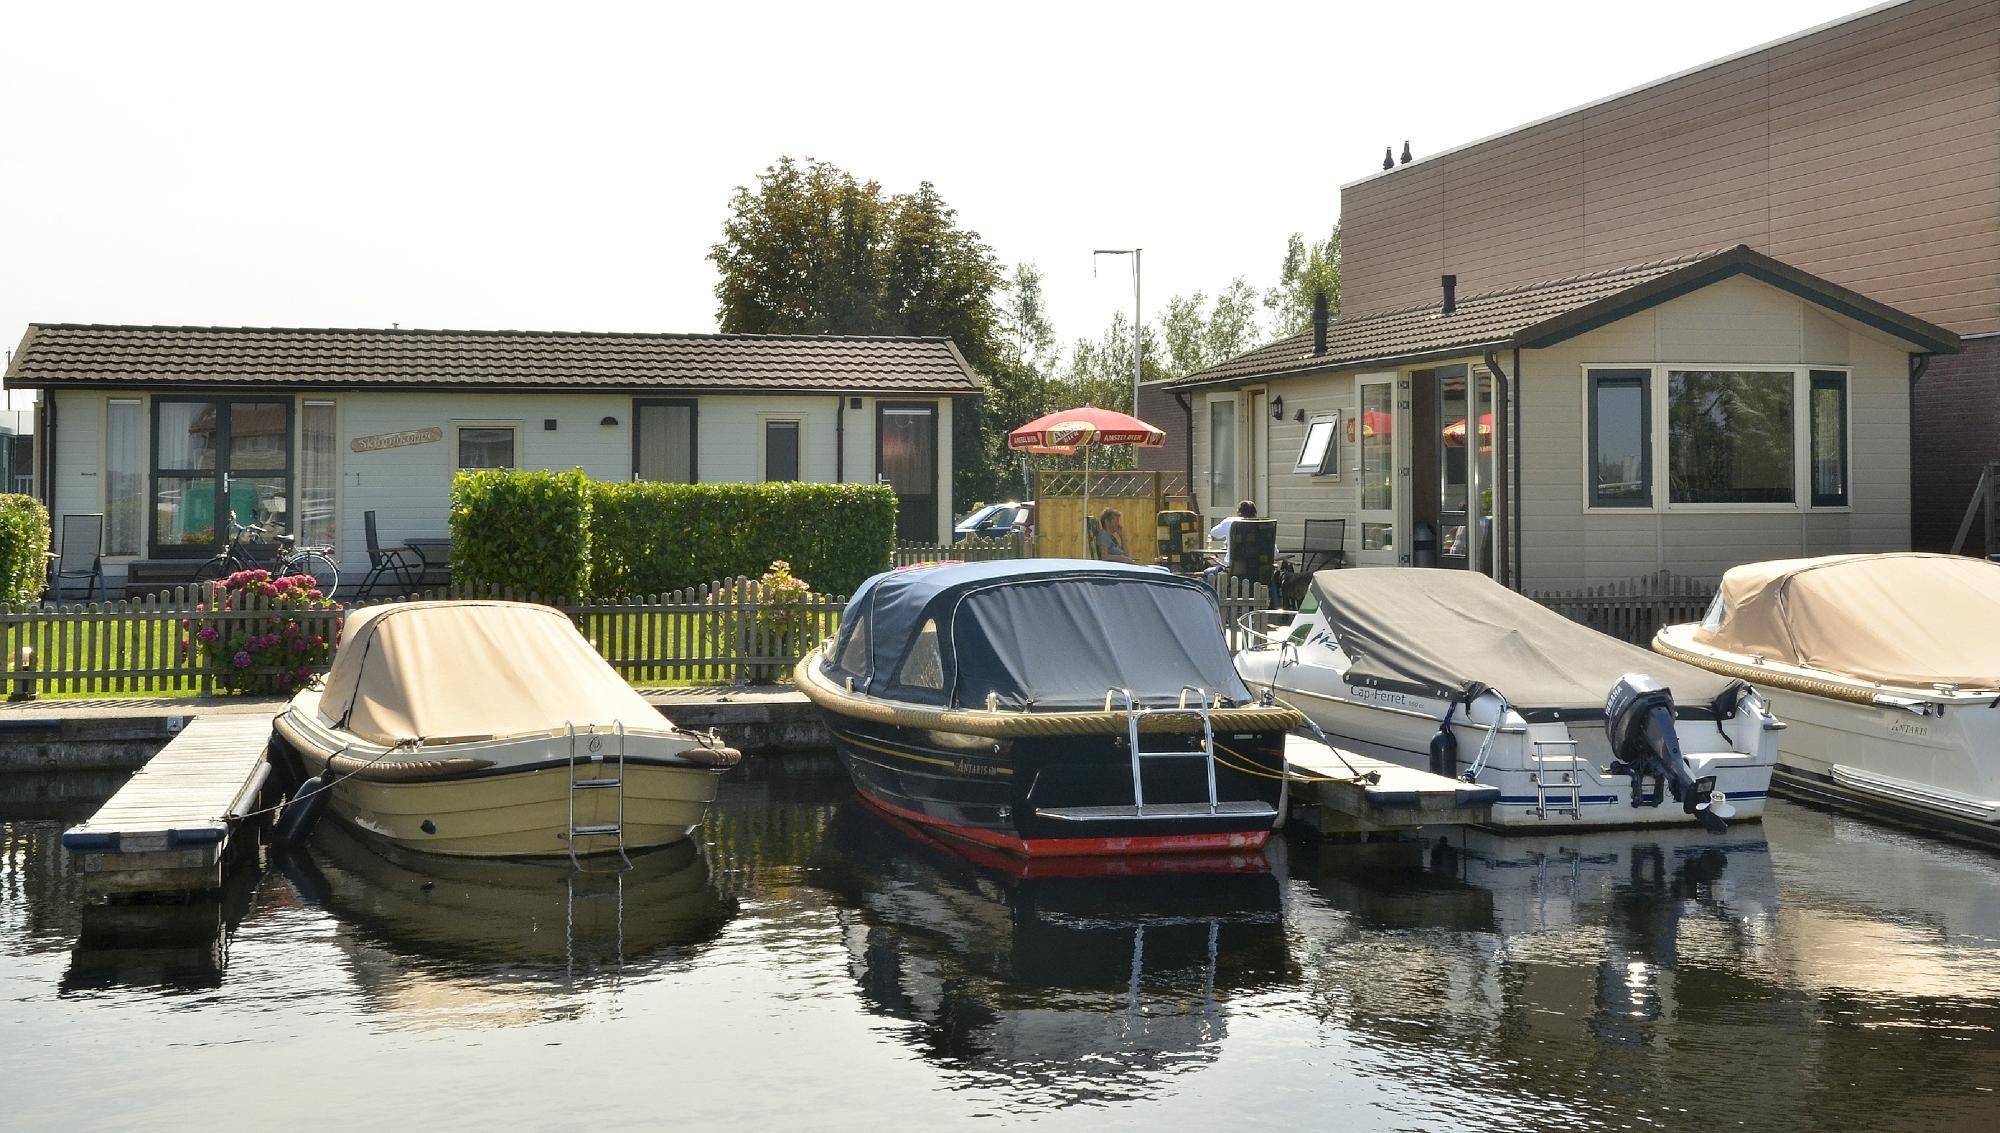 Vvp verhuur visserslust (vinkeveen, nederland)   foto's en reviews ...